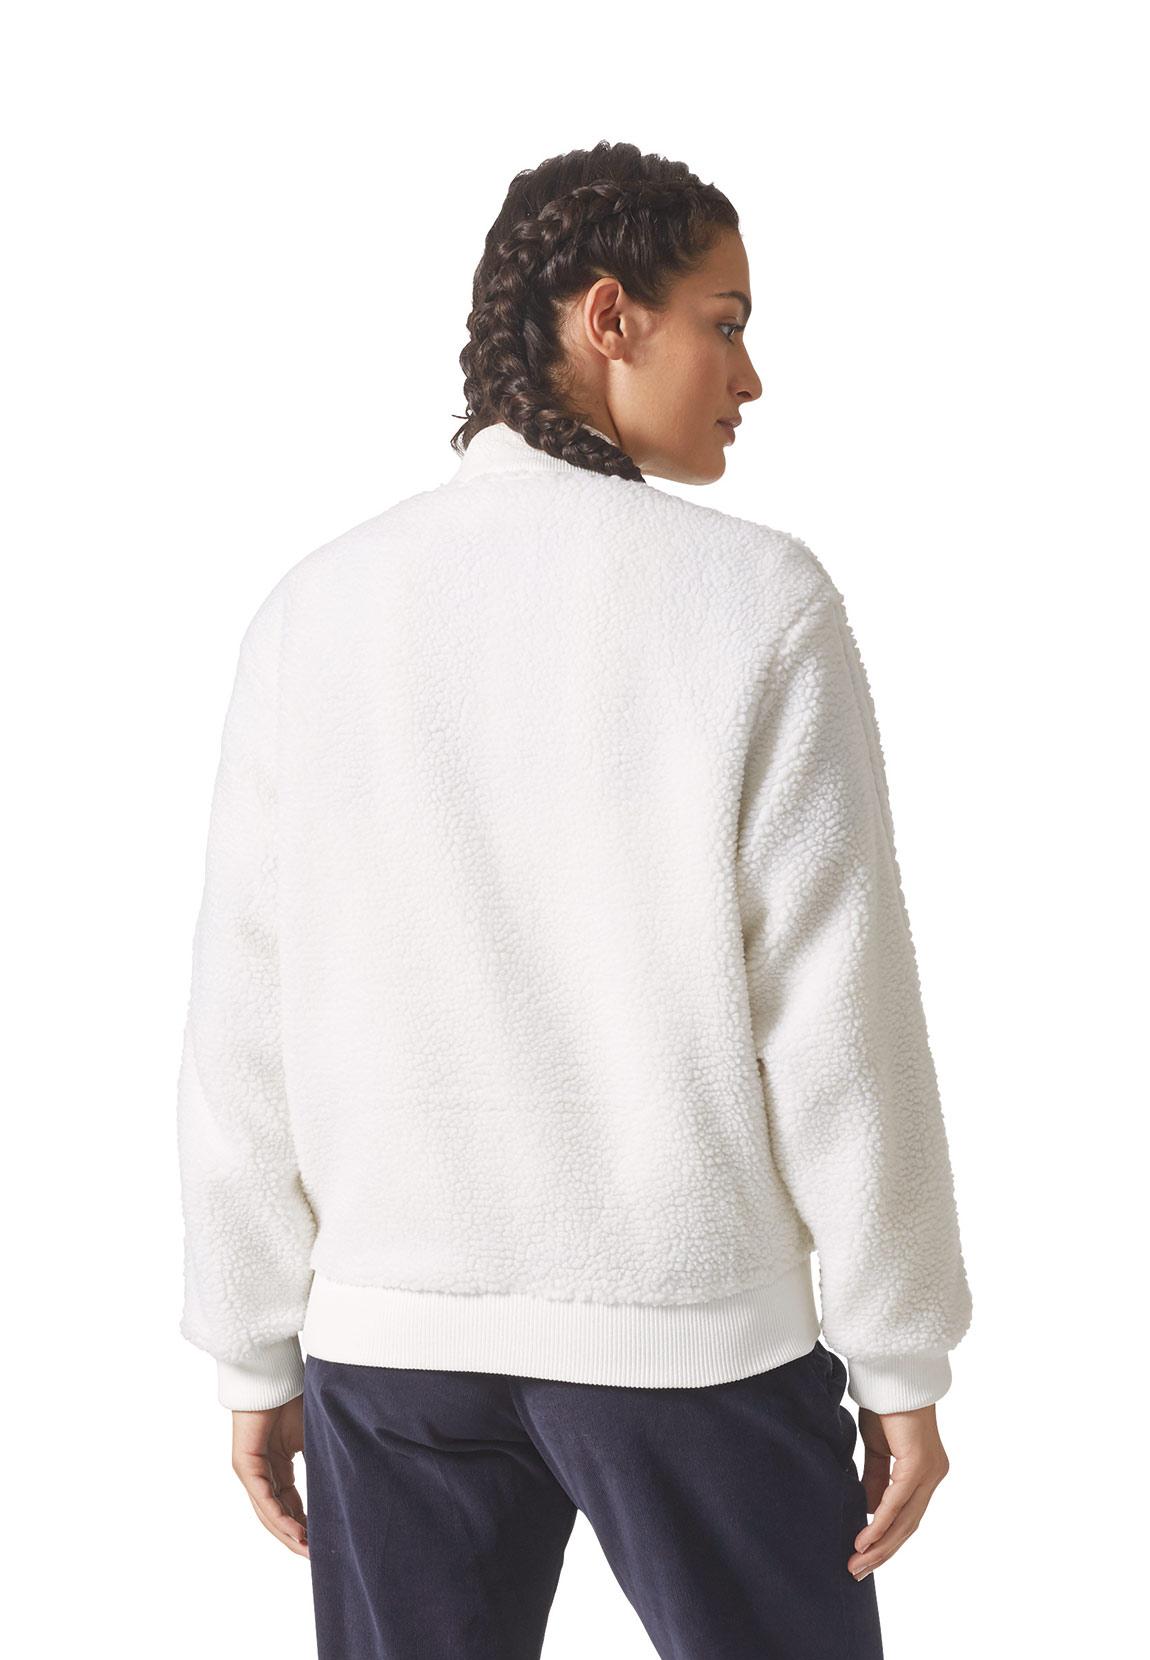 Details zu Adidas Damen Sweatjacke SST TRACKTOP BR5191 Weiß